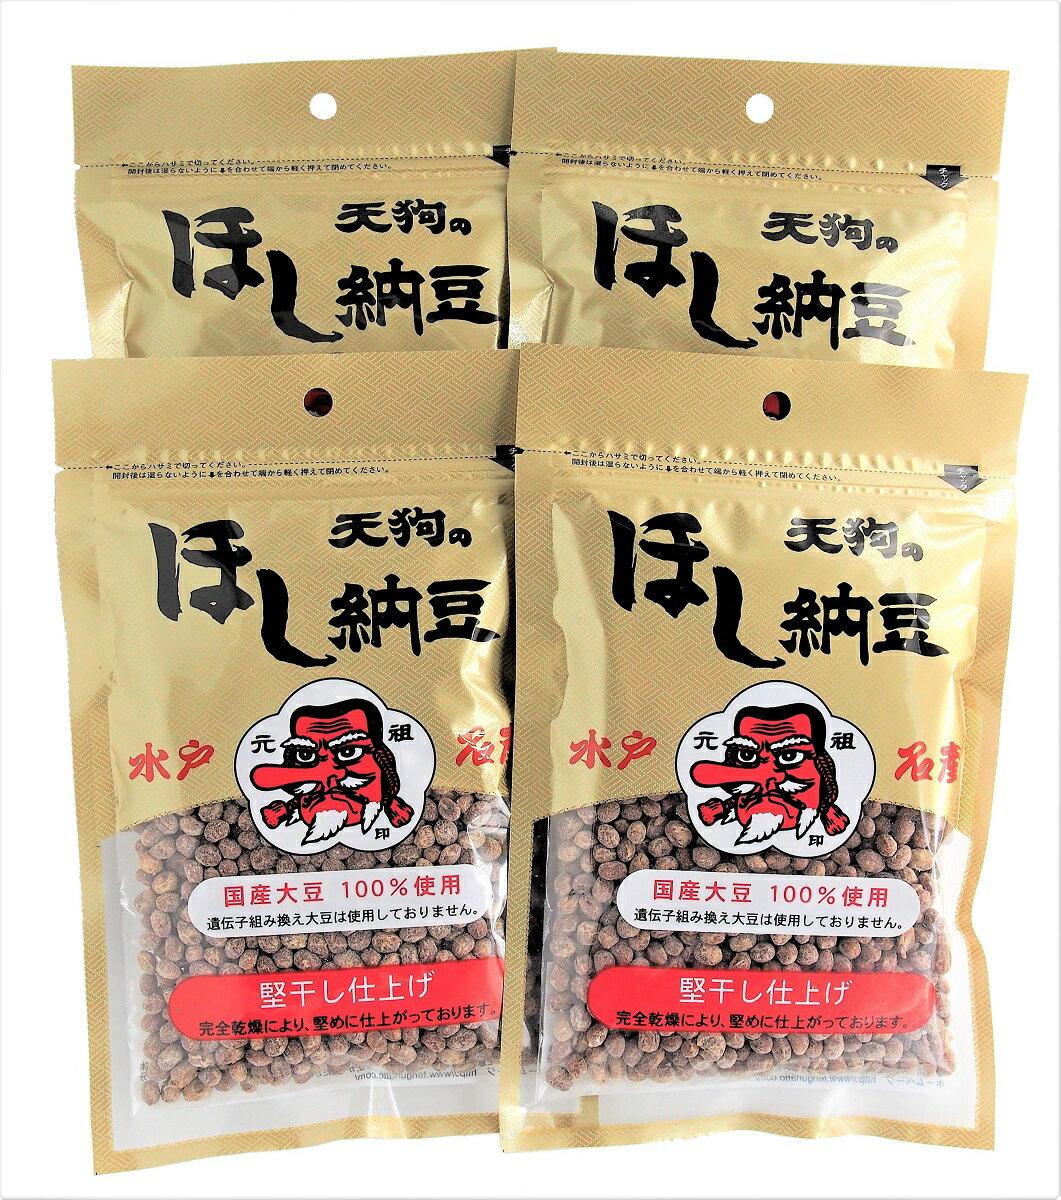 水戸名産 天狗のほし納豆 国産大豆 200g×4個セット(計800g)